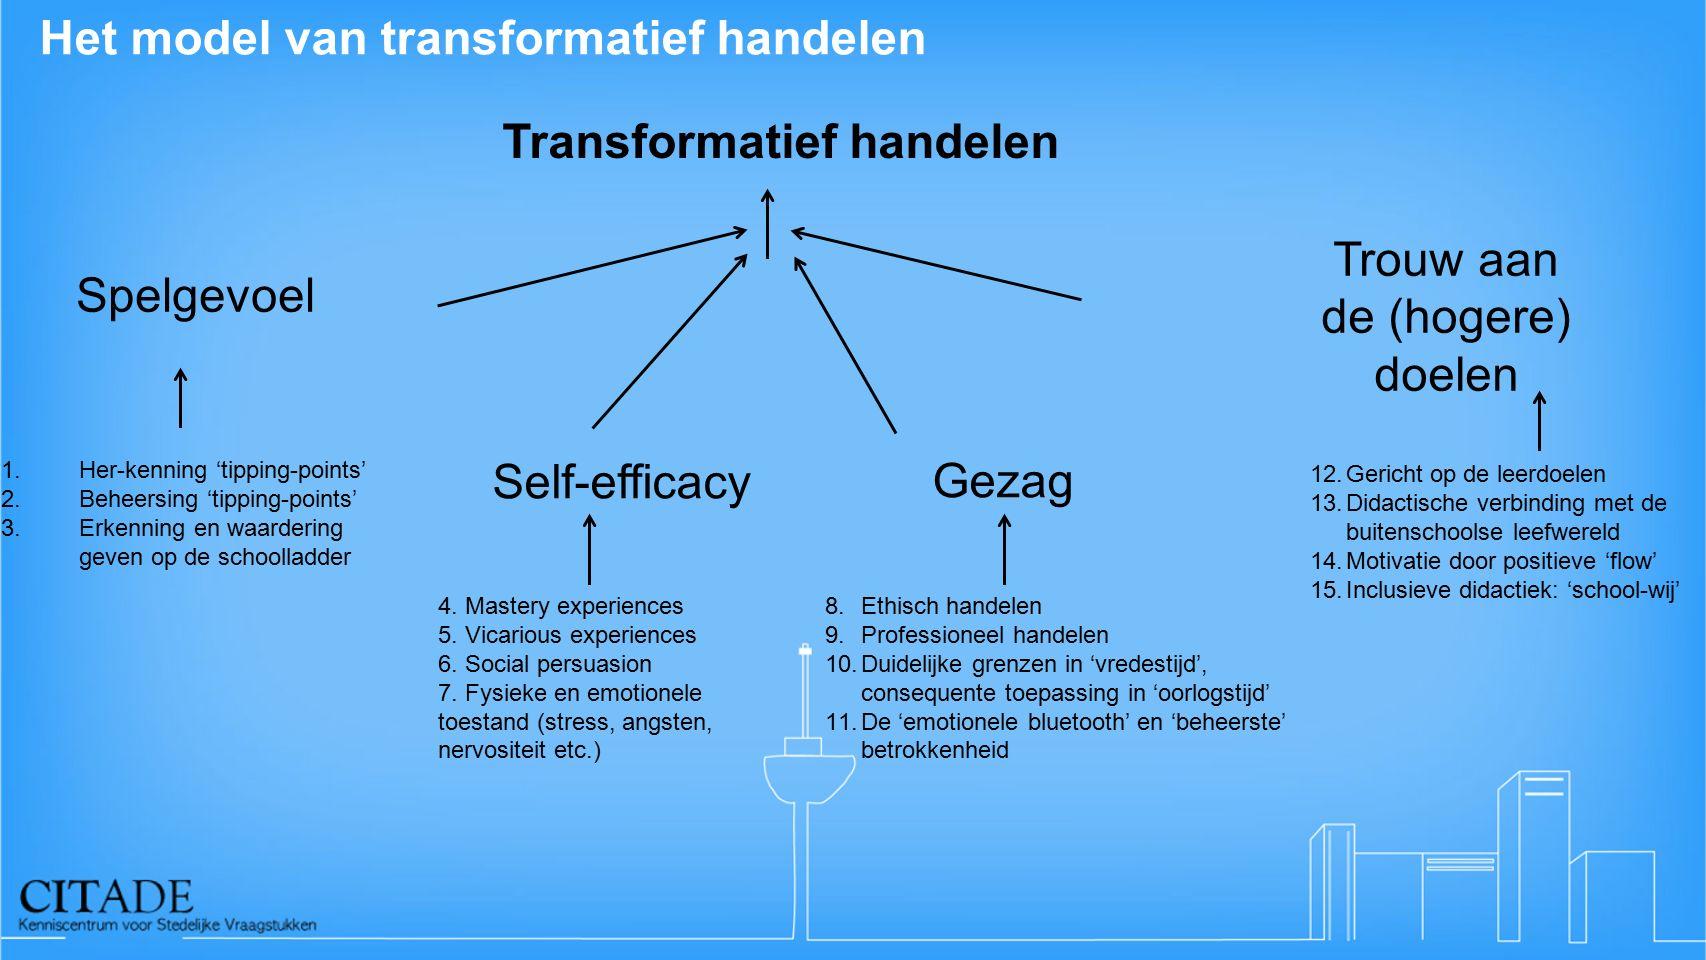 Het model van transformatief handelen Transformatief handelen Gezag 8.Ethisch handelen 9.Professioneel handelen 10.Duidelijke grenzen in 'vredestijd', consequente toepassing in 'oorlogstijd' 11.De 'emotionele bluetooth' en 'beheerste' betrokkenheid Spelgevoel 1.Her-kenning 'tipping-points' 2.Beheersing 'tipping-points' 3.Erkenning en waardering geven op de schoolladder Trouw aan de (hogere) doelen 12.Gericht op de leerdoelen 13.Didactische verbinding met de buitenschoolse leefwereld 14.Motivatie door positieve 'flow' 15.Inclusieve didactiek: 'school-wij' Self-efficacy 4.